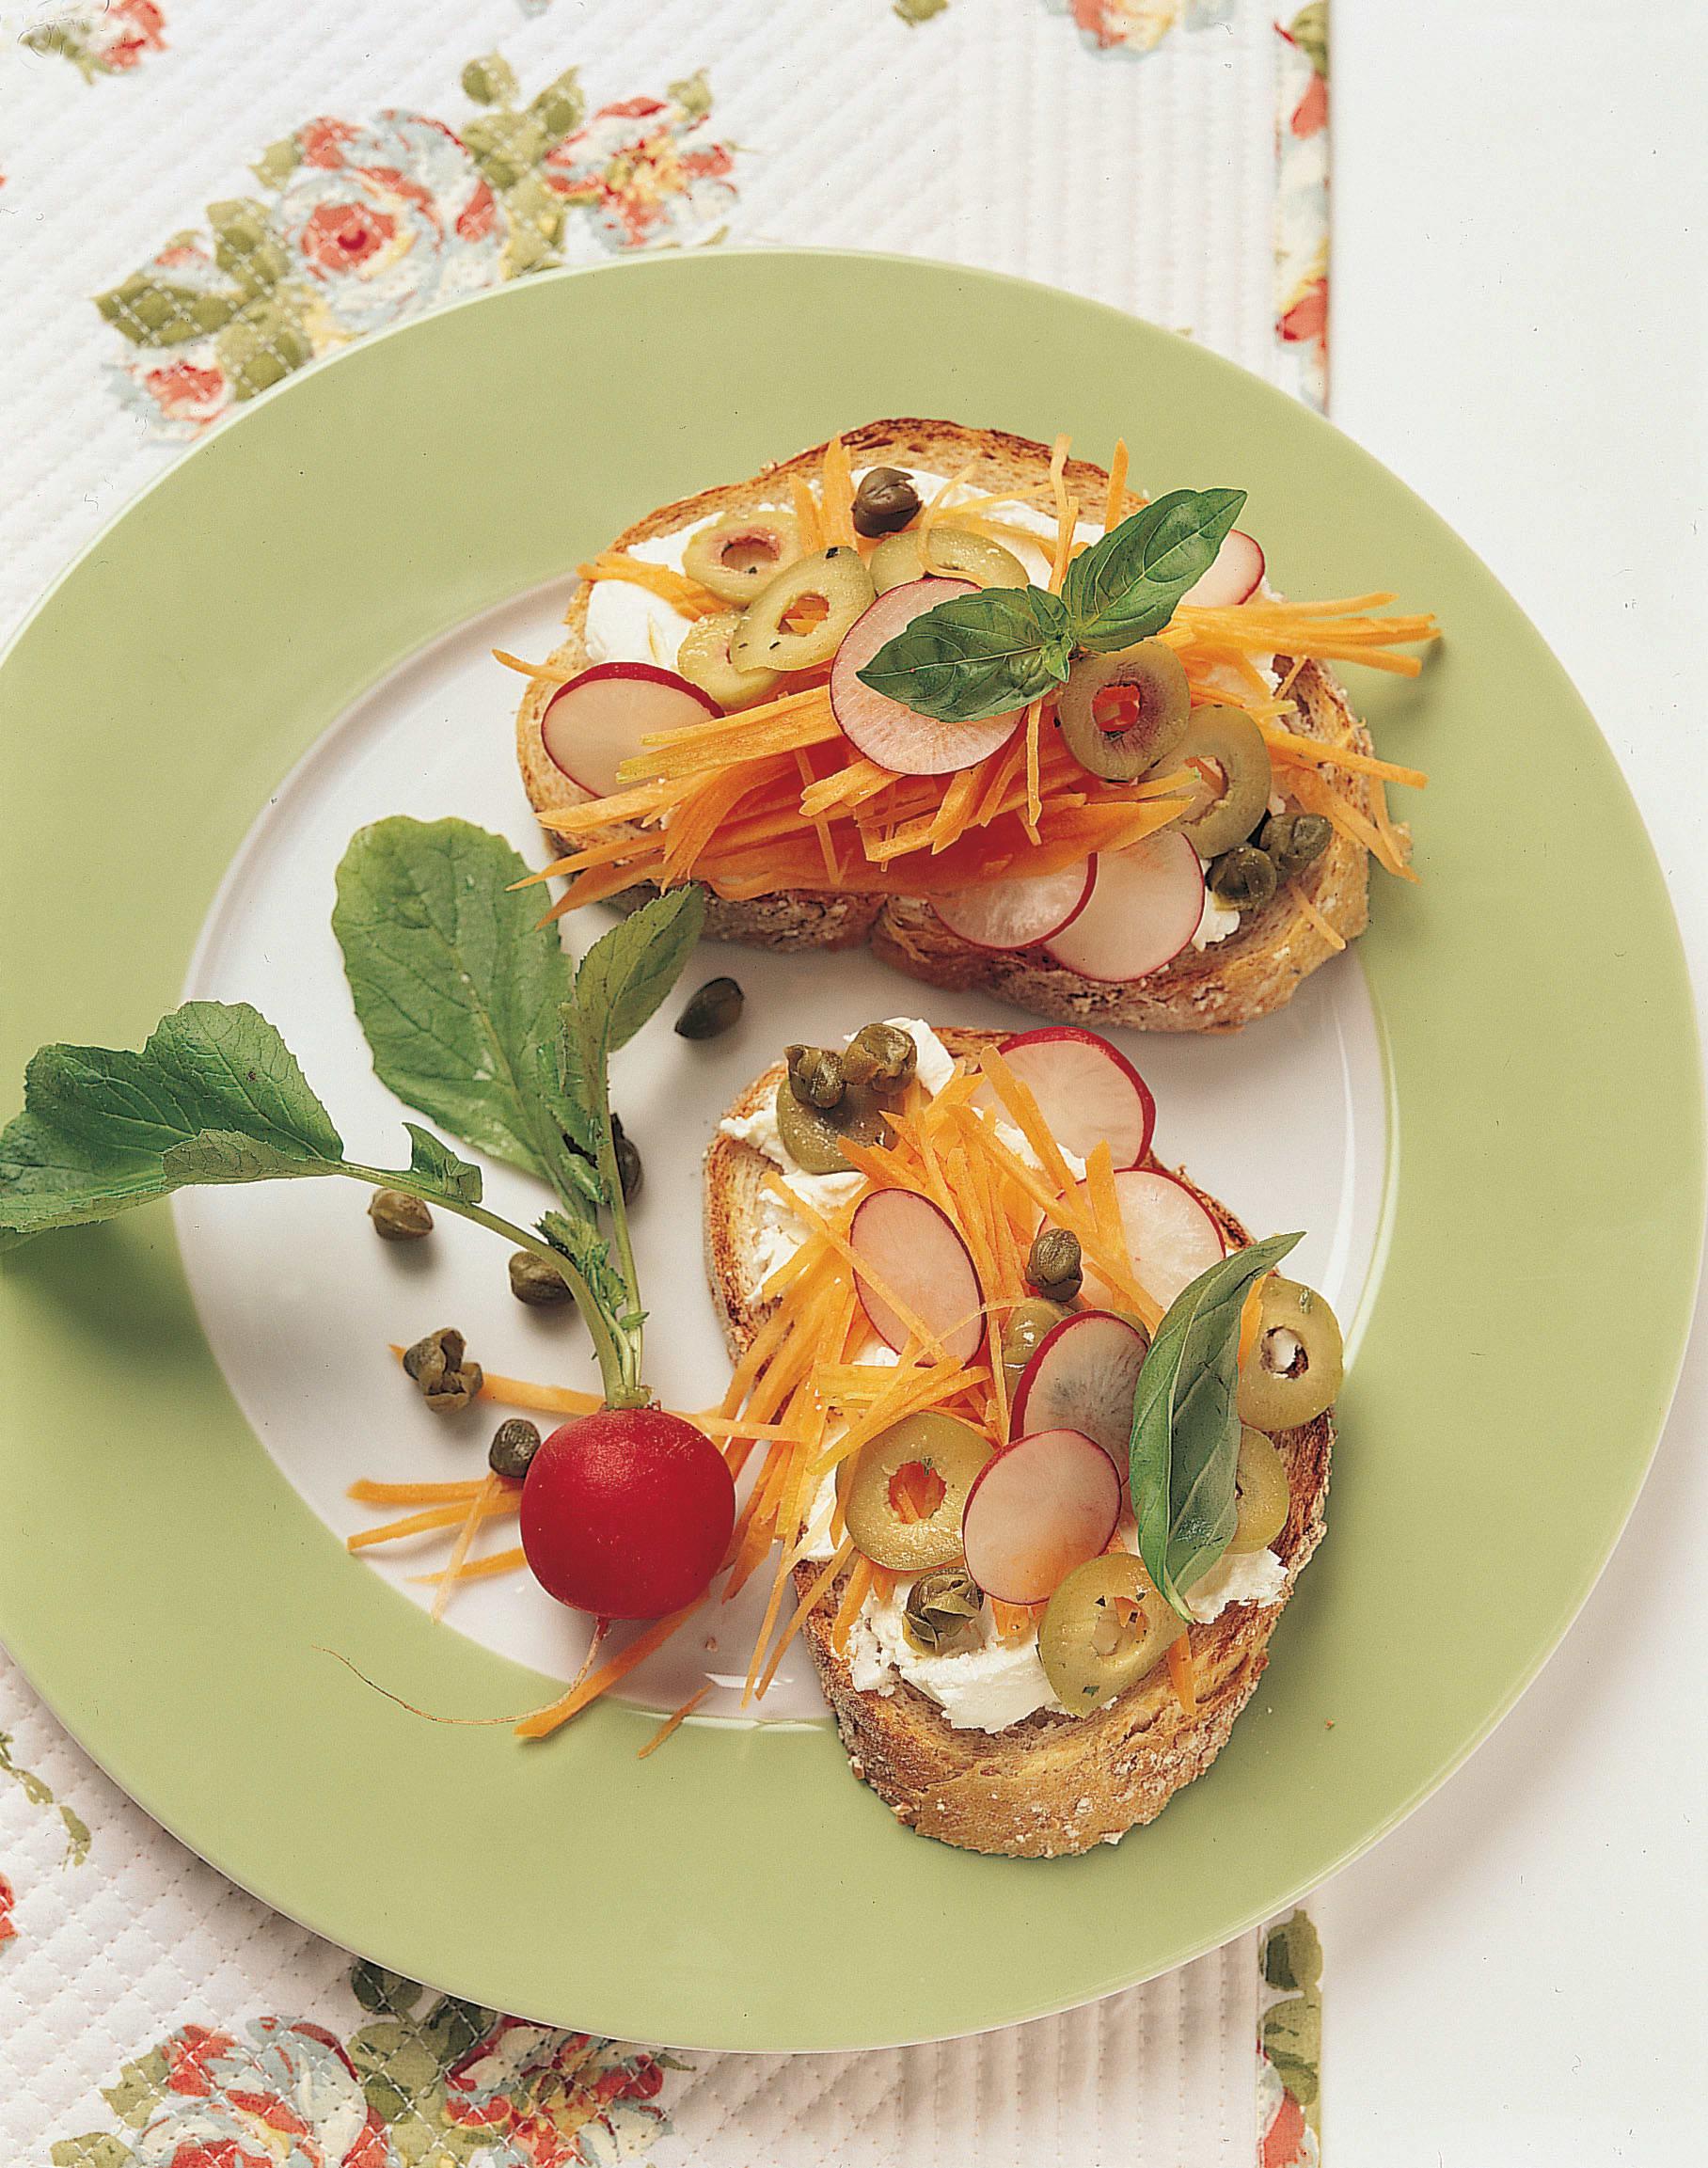 Crostini au fromage frais, aux câpres et aux olives